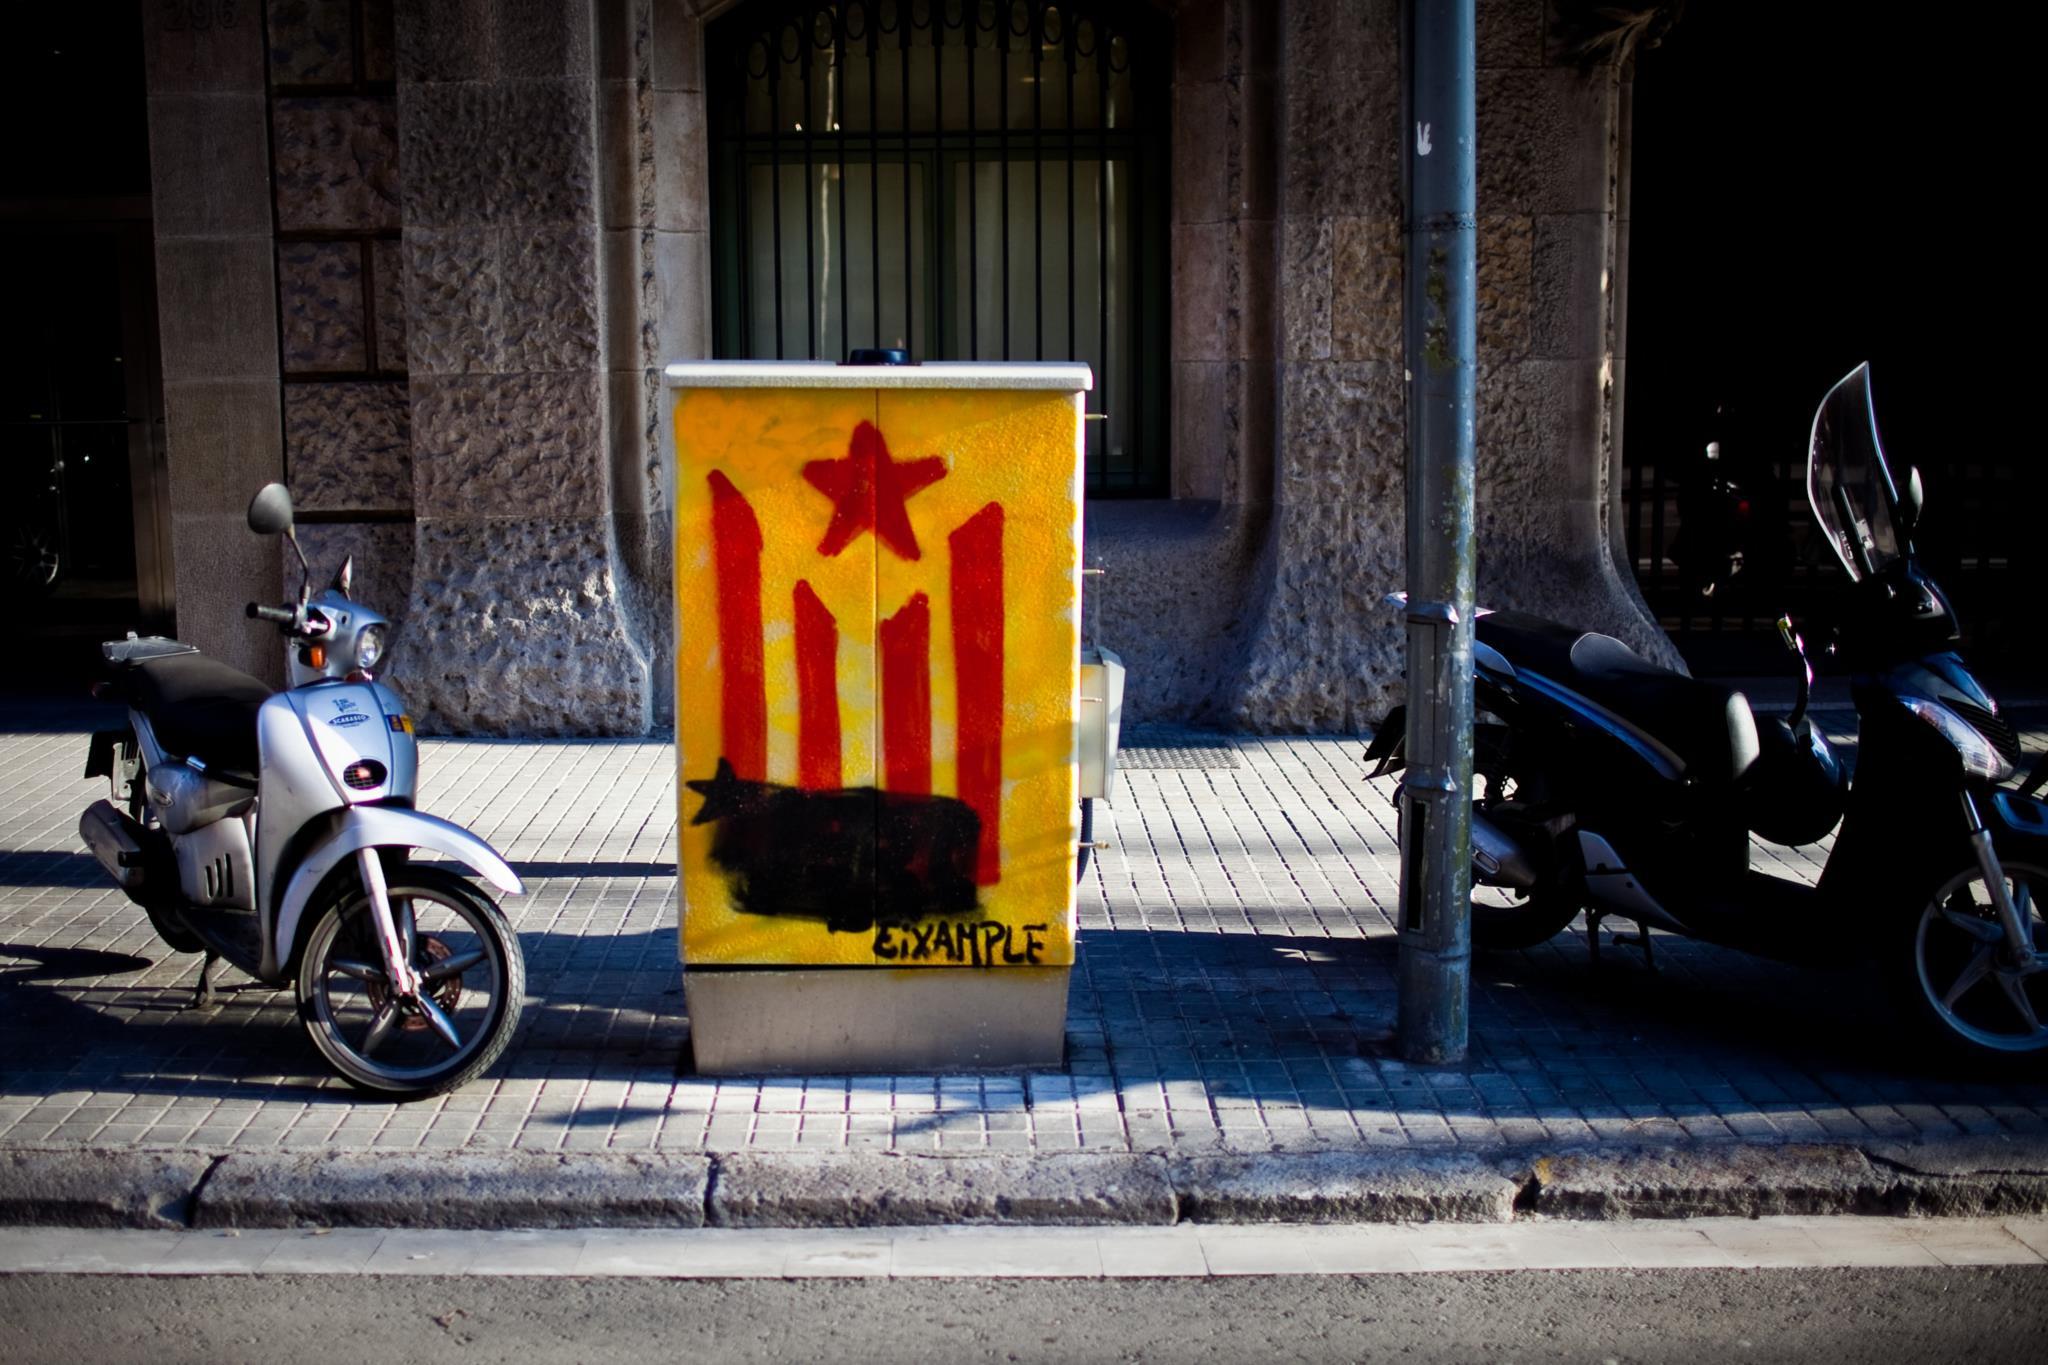 PÚBLICO - A Catalunha prepara-se para declarar independência se não houver referendo